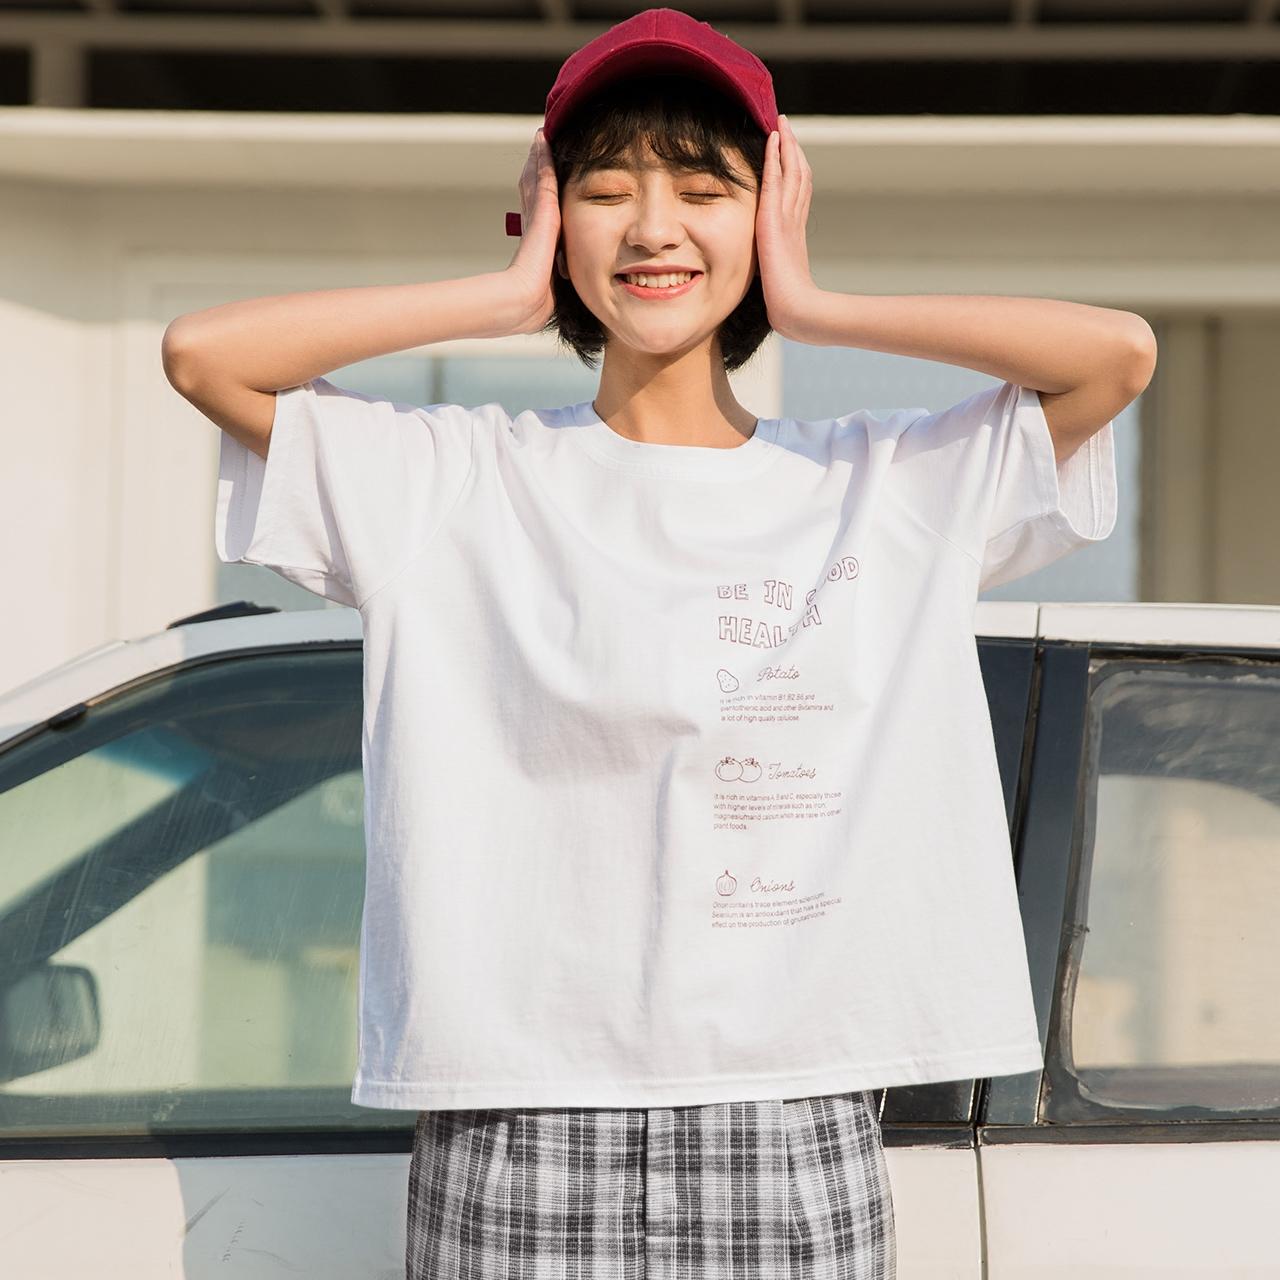 香芋紫色t恤女短袖韩范bf原宿风宽松学生港味小清新chic上衣夏